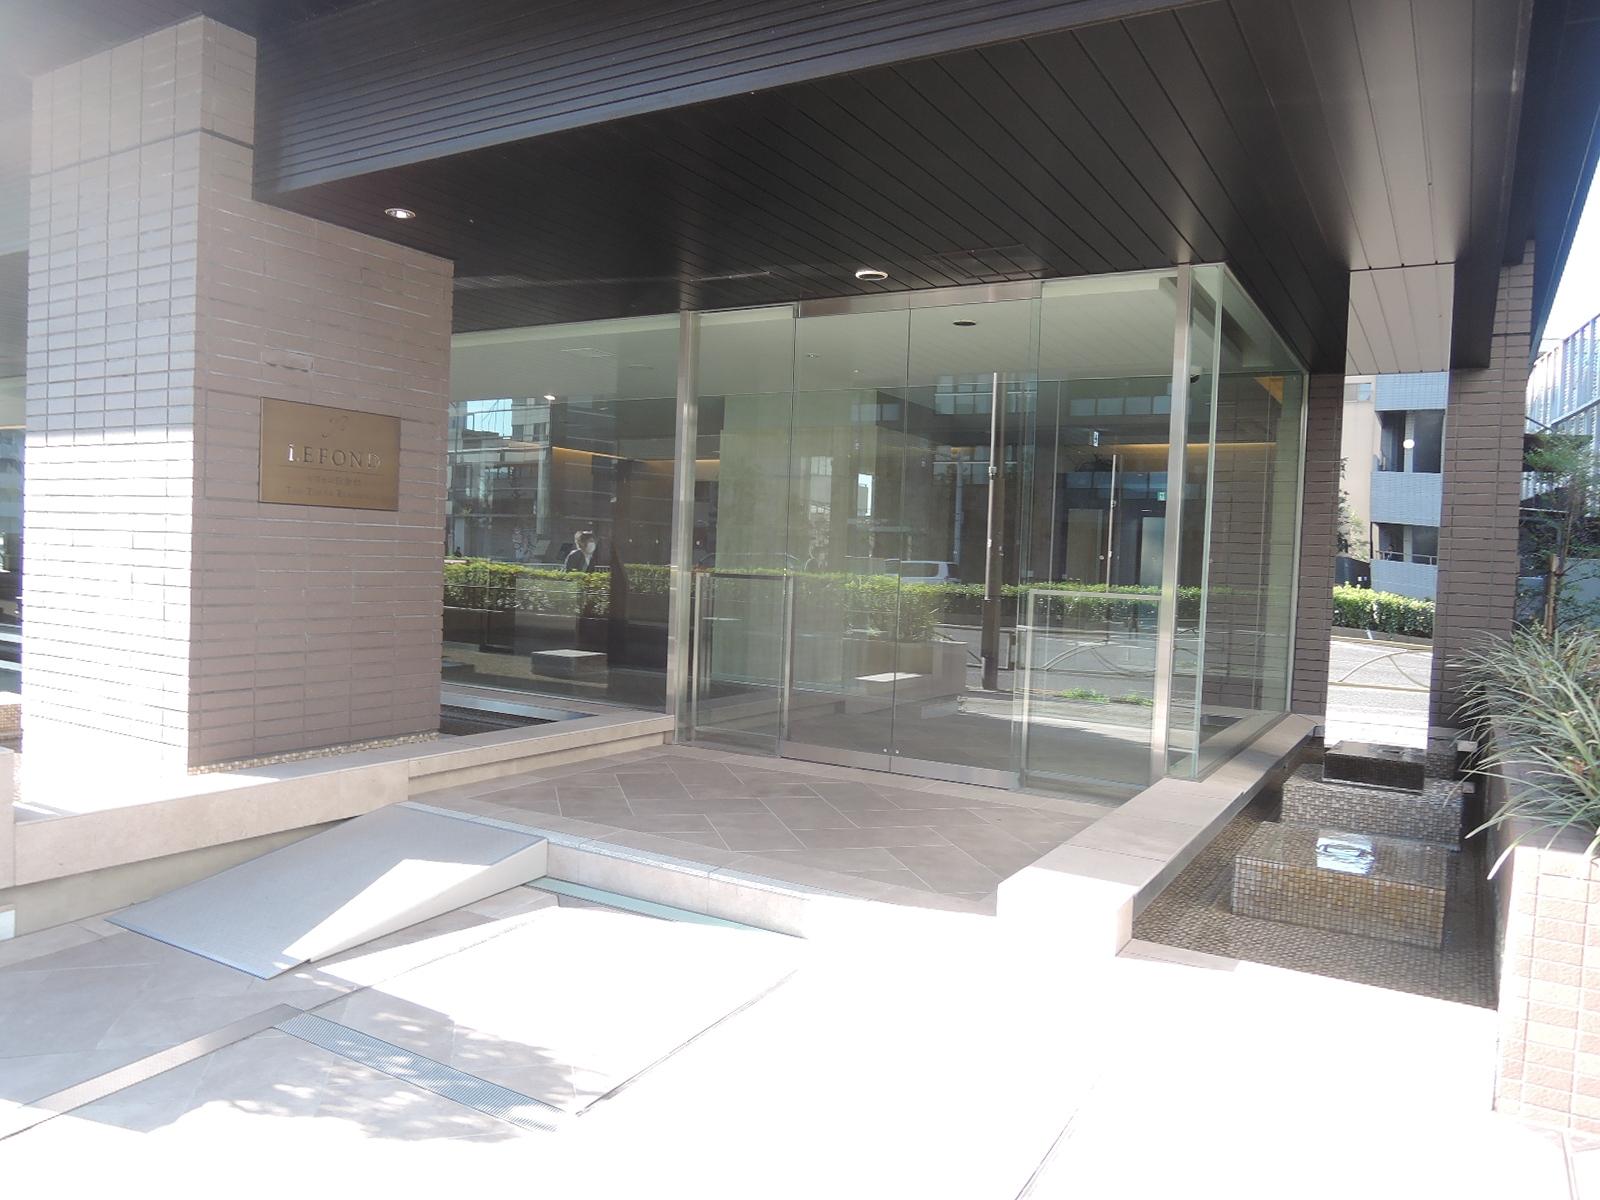 マンション1階部分。ガラス貼りで開放的